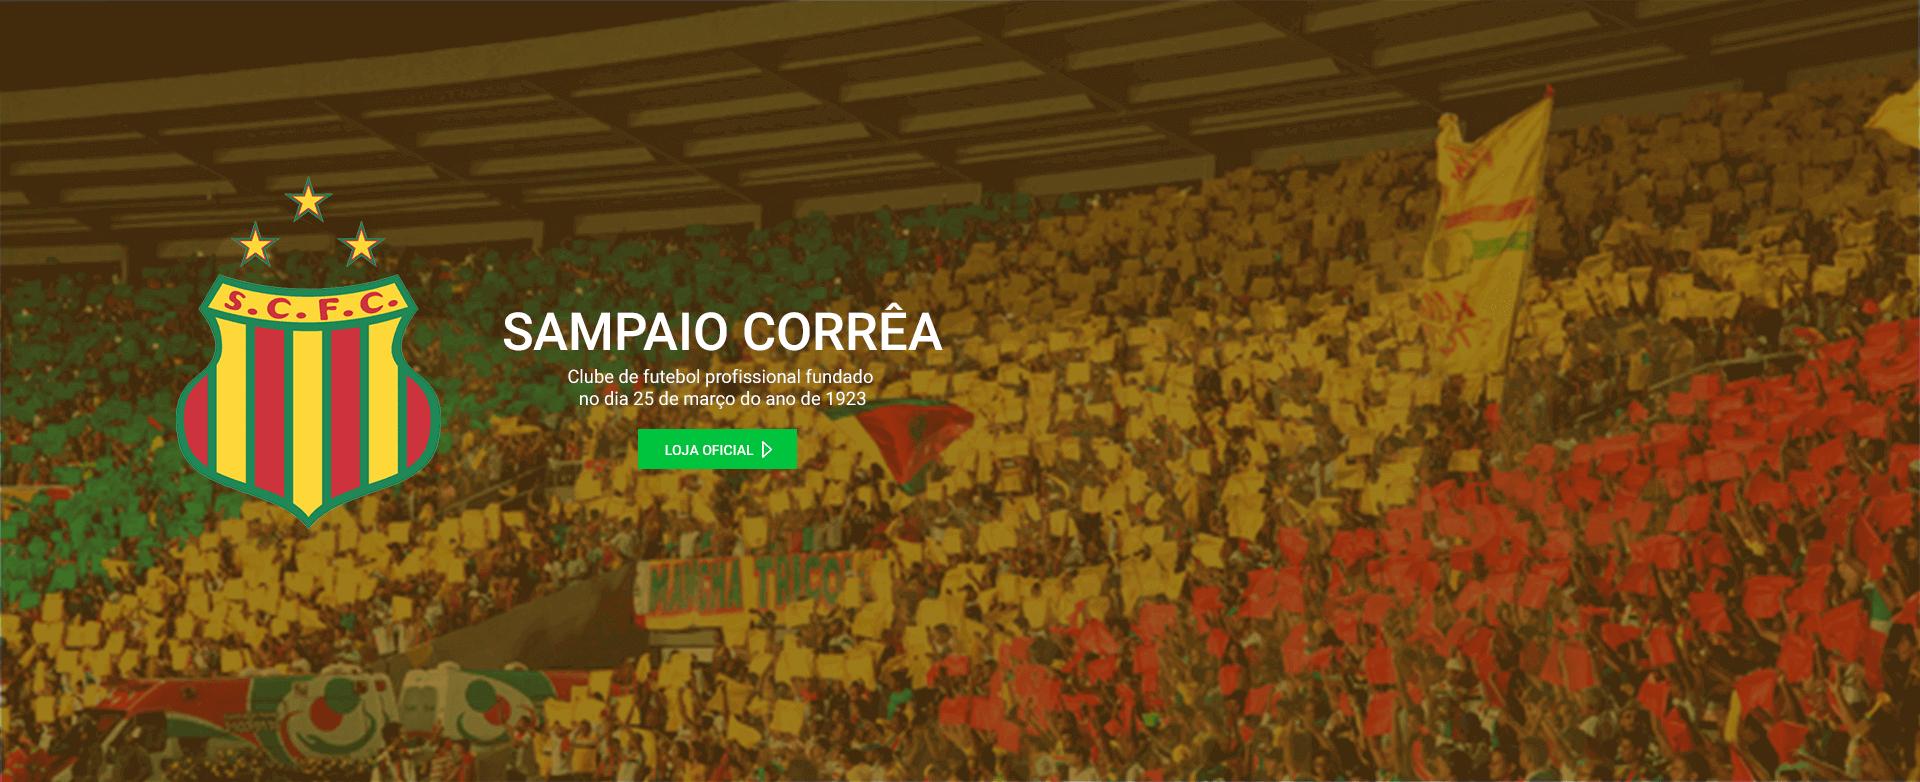 Sampaio Correia